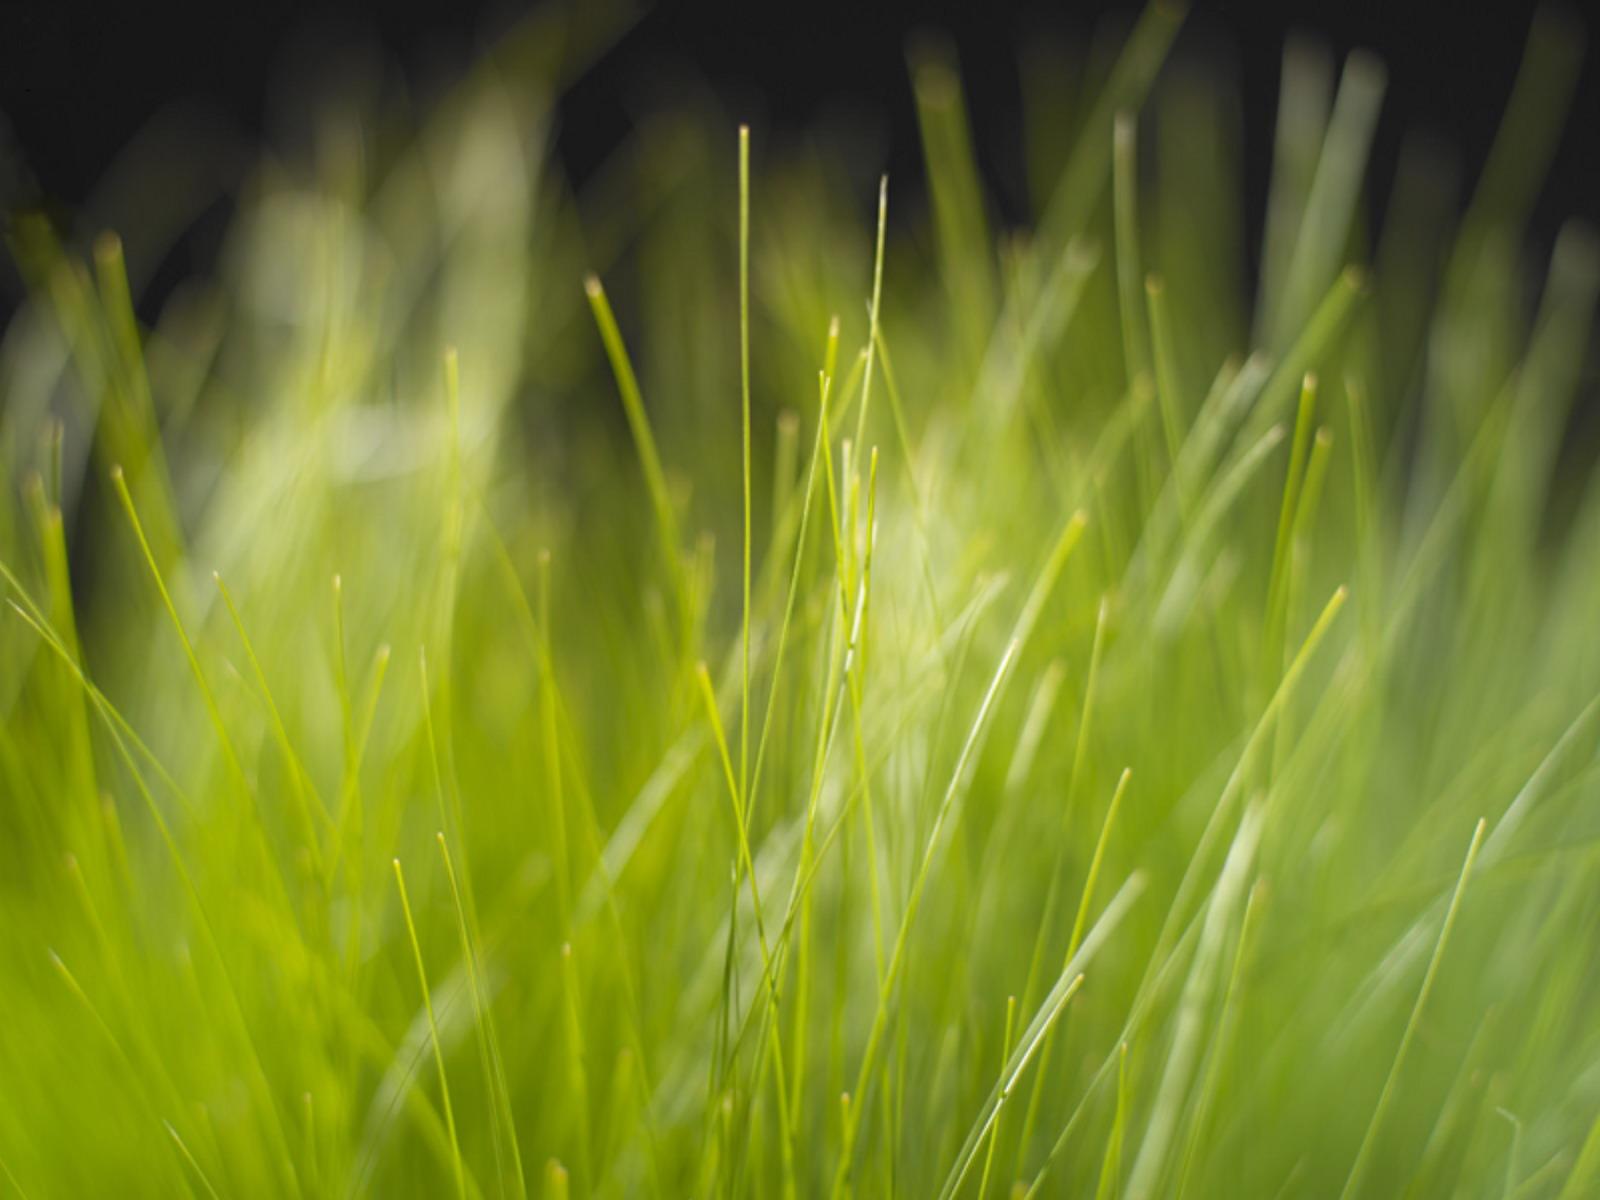 http://4.bp.blogspot.com/-gKoBU8RqiAw/TktVz1drsII/AAAAAAAAA7c/W-whx1-6ZvE/s1600/Grass.jpg